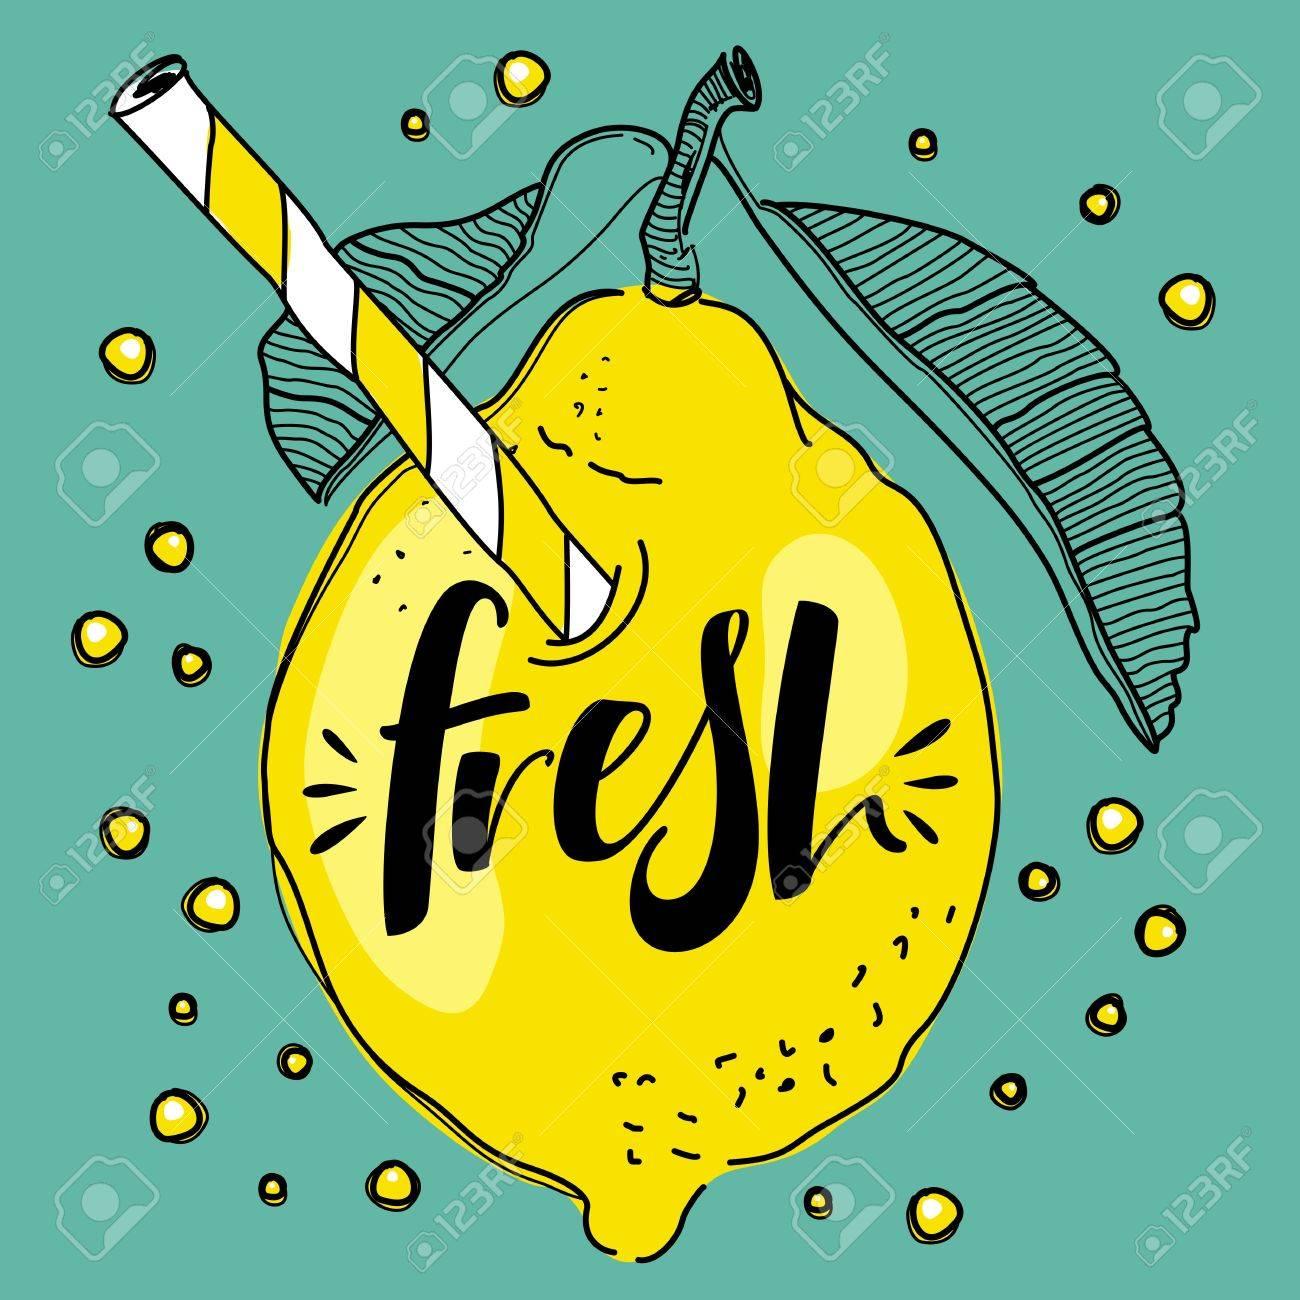 ストローで飲むとかわいいレモン新鮮なレモネ ード コンセプト